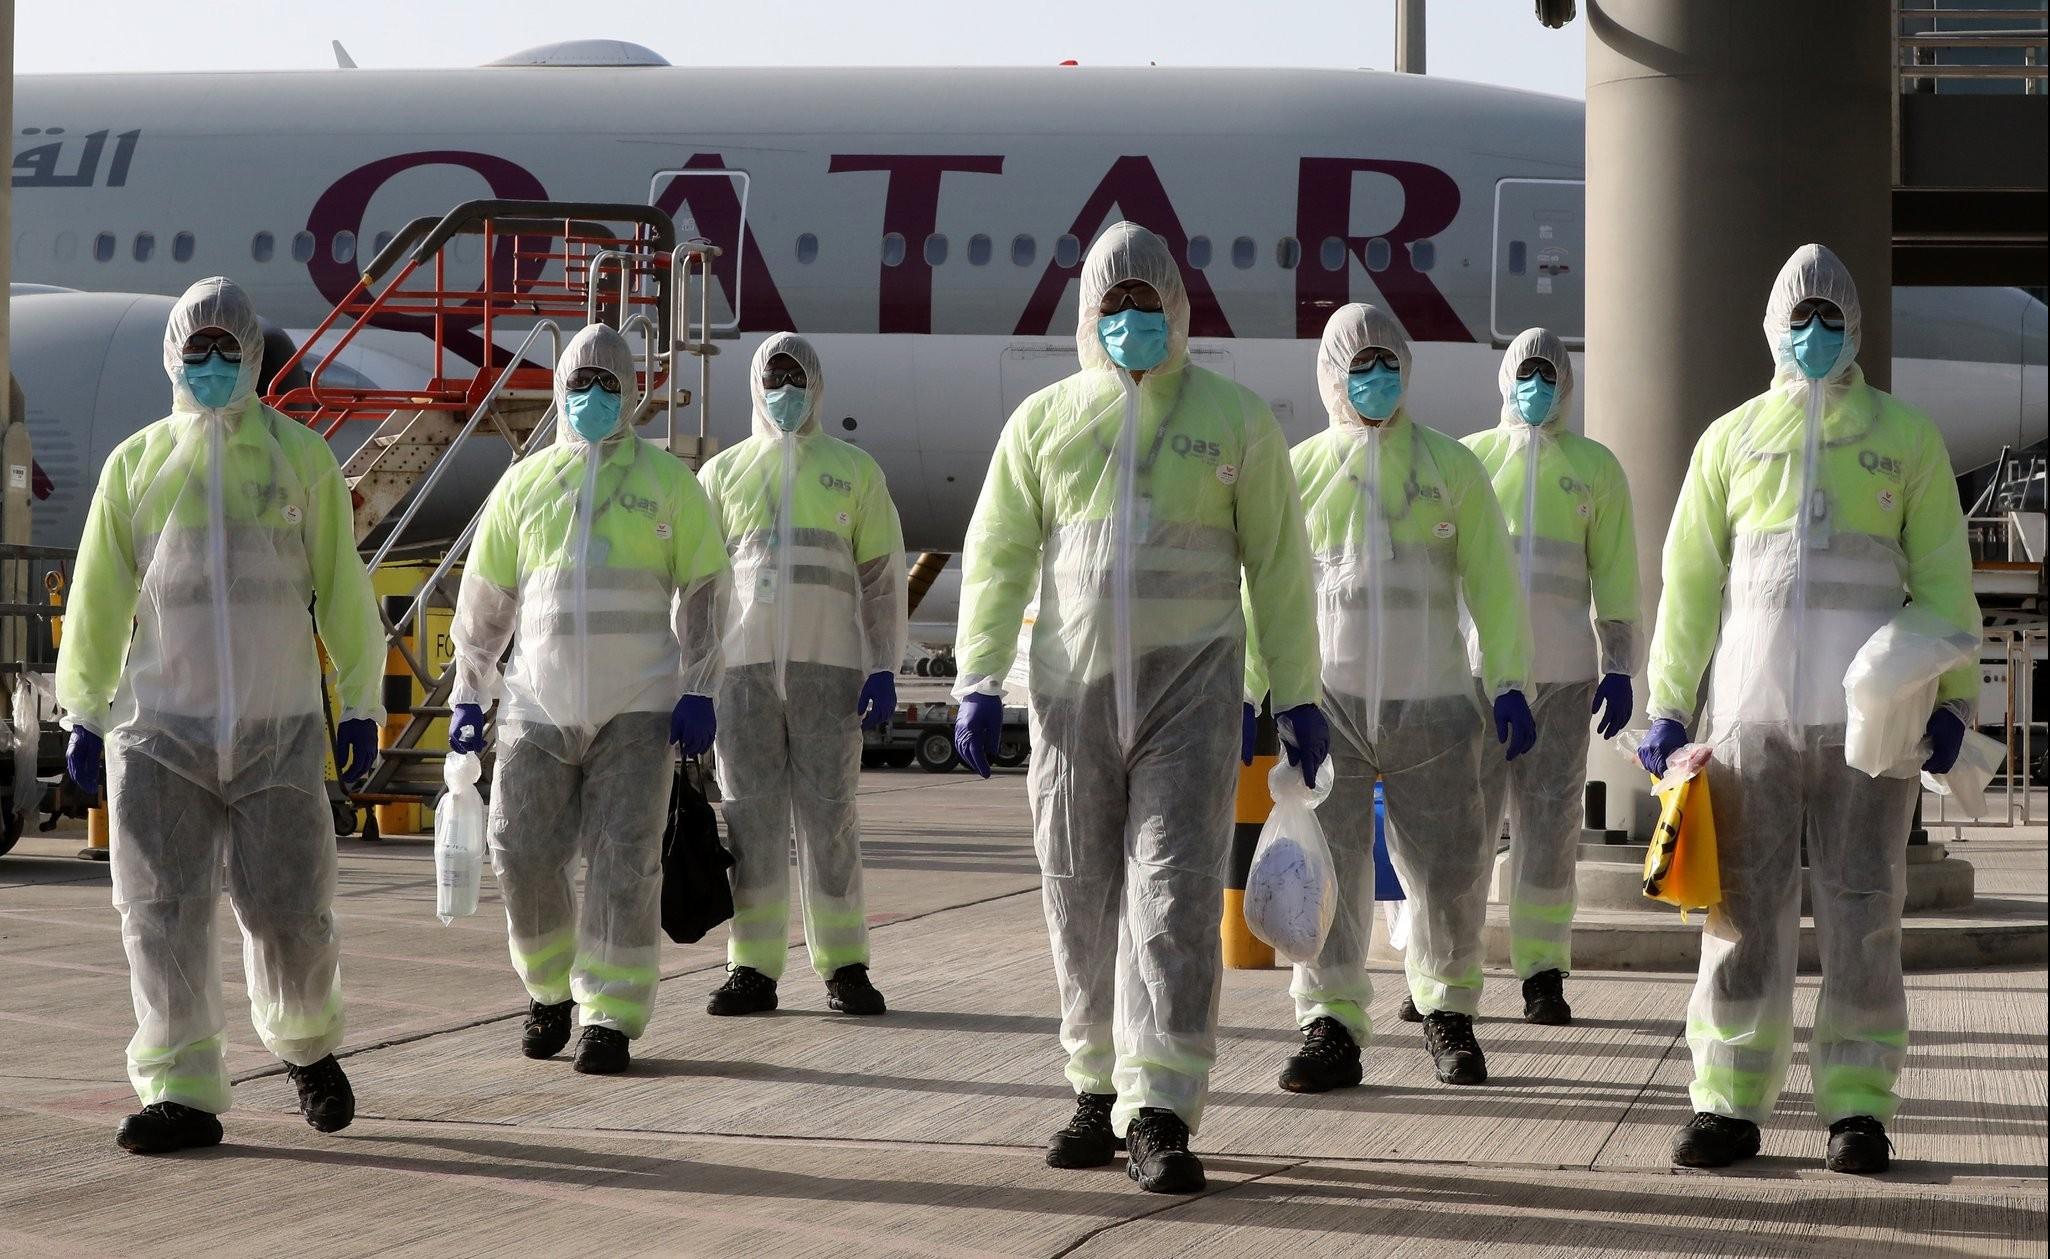 عاجل| بعد تسجيل ارتفاعا جنونيا لإصابات كورونا اليوم.. قطر تكشف السبب